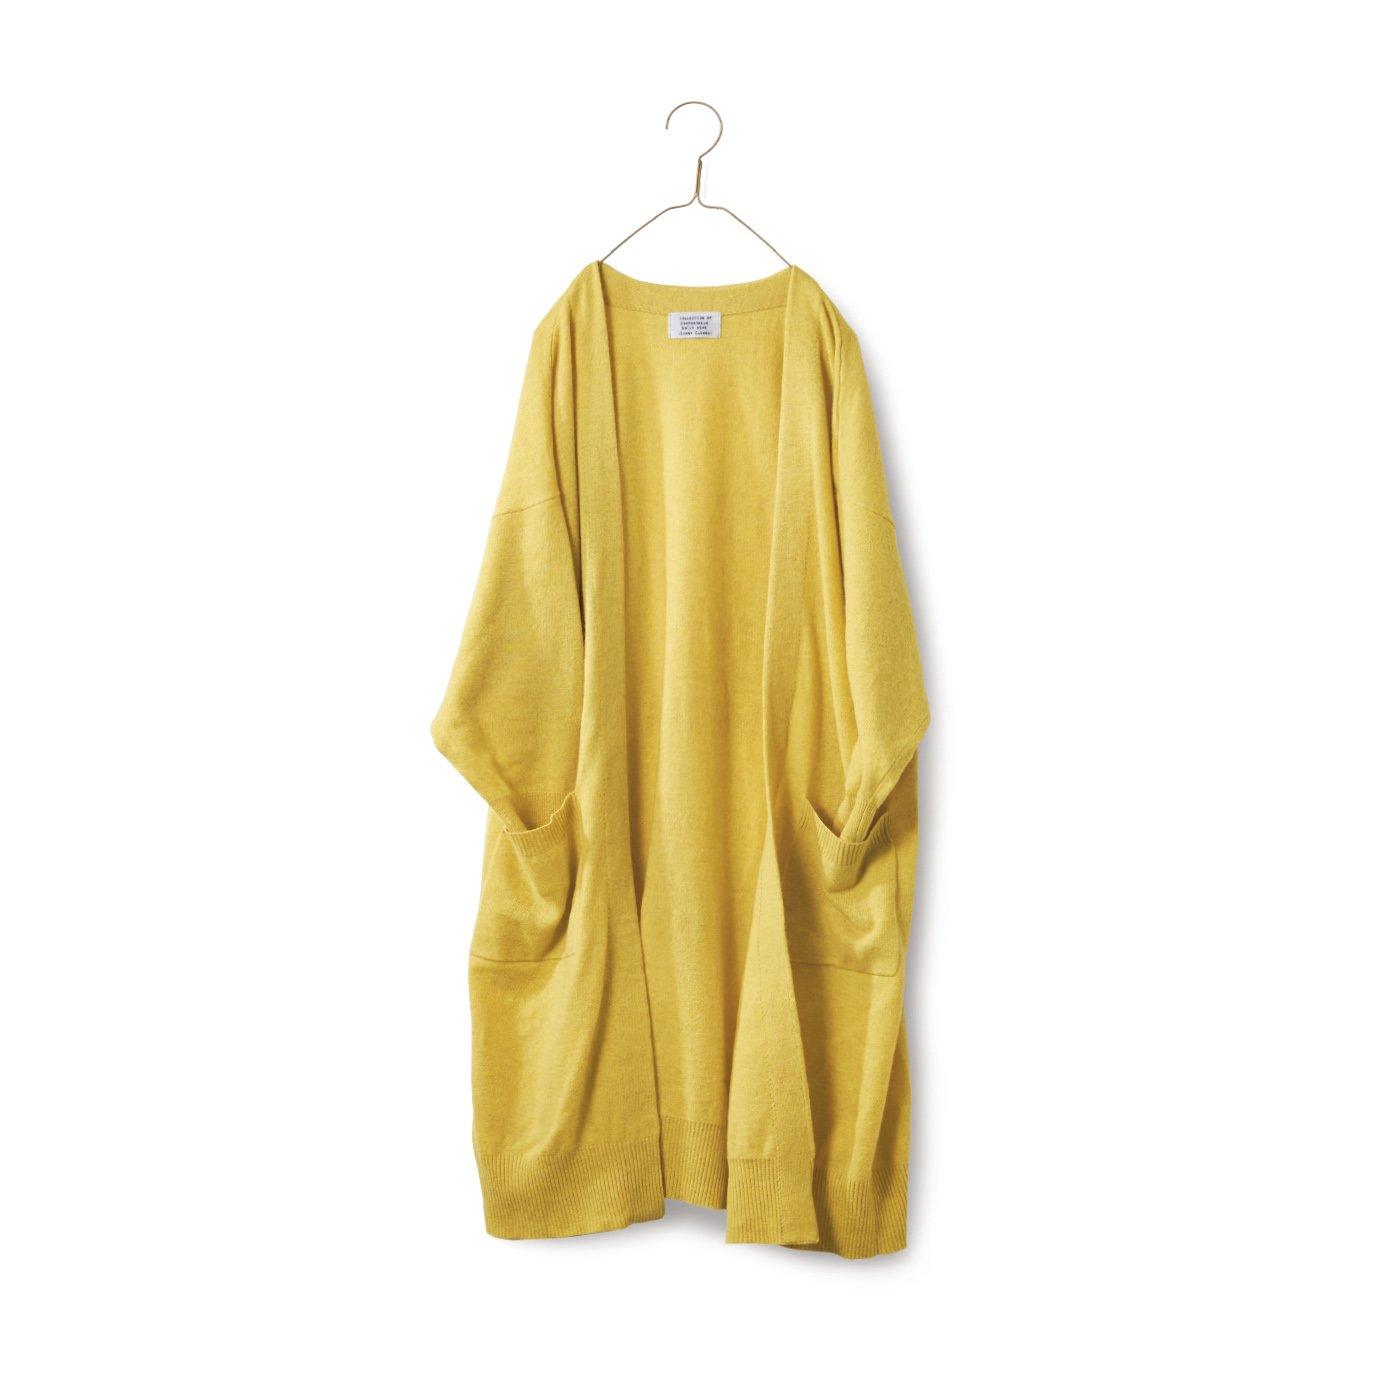 サニークラウズ ロングロングカーディガン〈レディース〉黄色